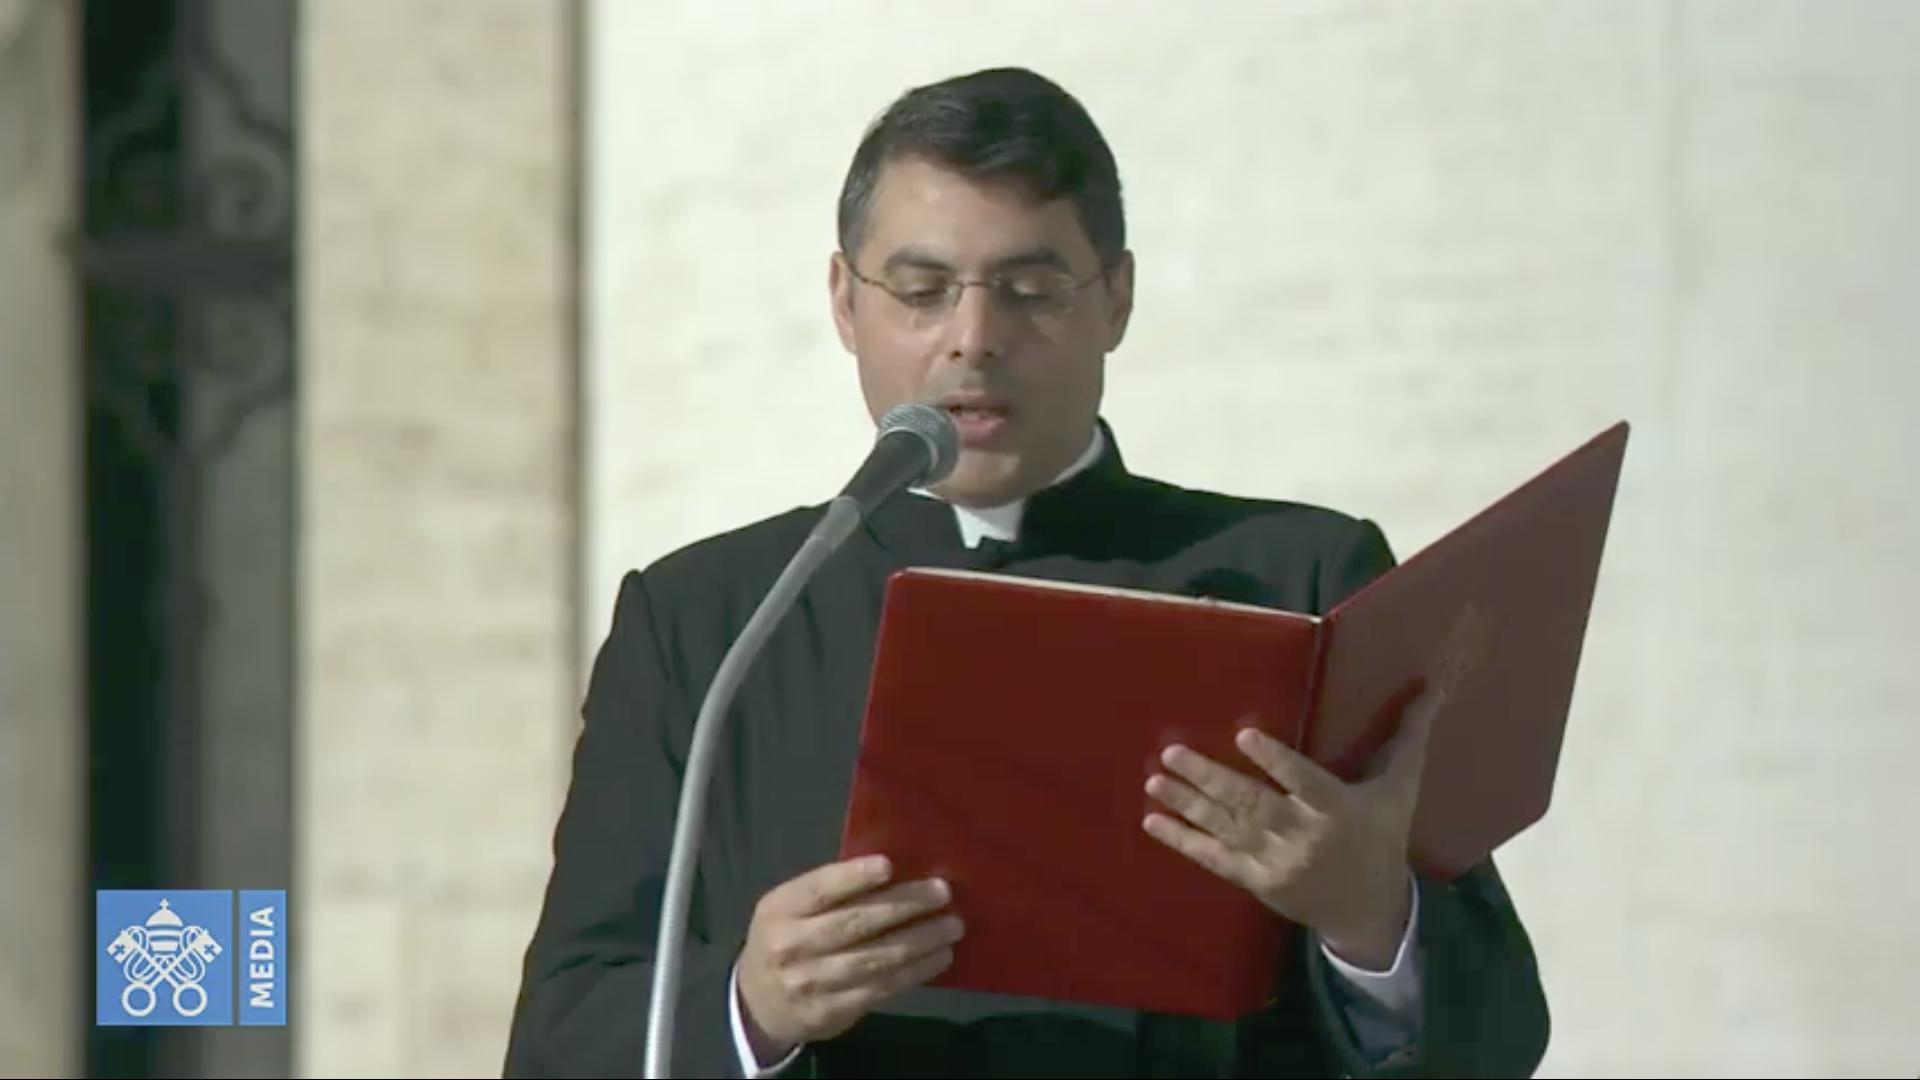 Résumé en arabe de la catéchèse du pape François, capture @ Vatican Media